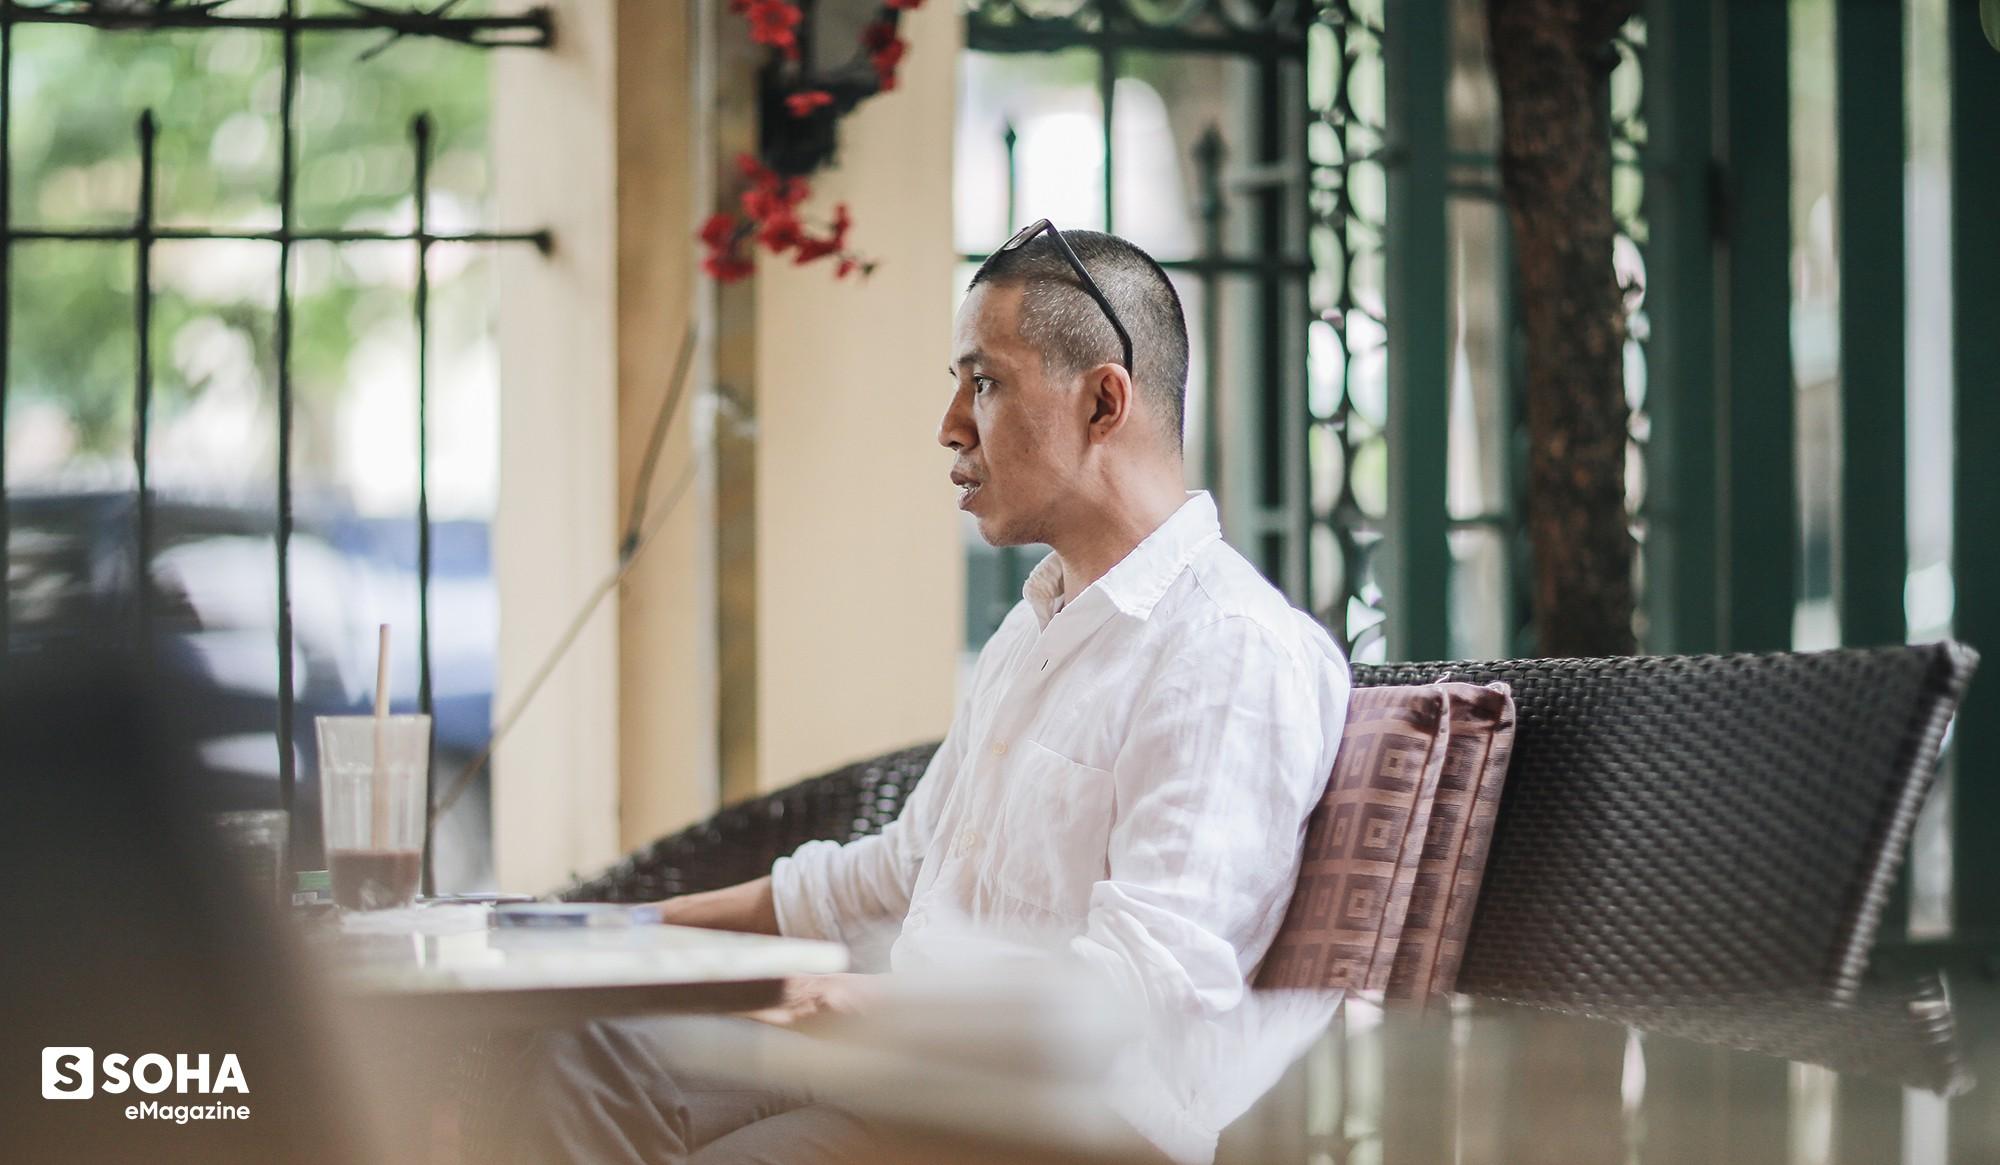 Con trai GS Hồ Ngọc Đại: Tôi đã cười không khép được mồm khi ba tôi bị vu là tình báo Trung Quốc - Ảnh 22.